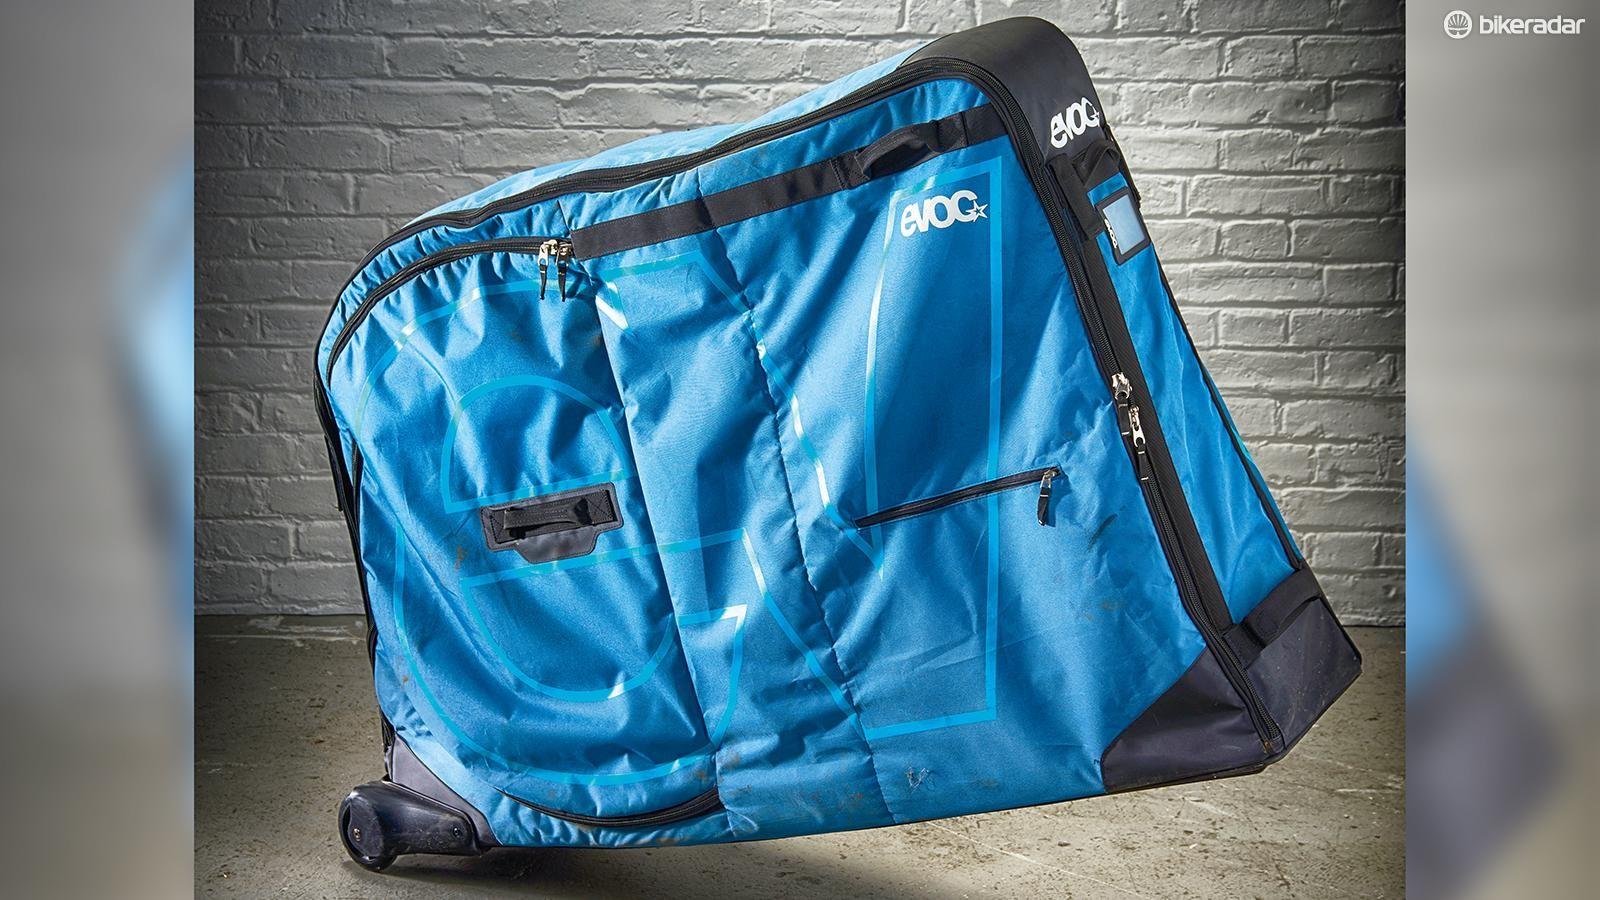 Evoc's Bike Travel Bag